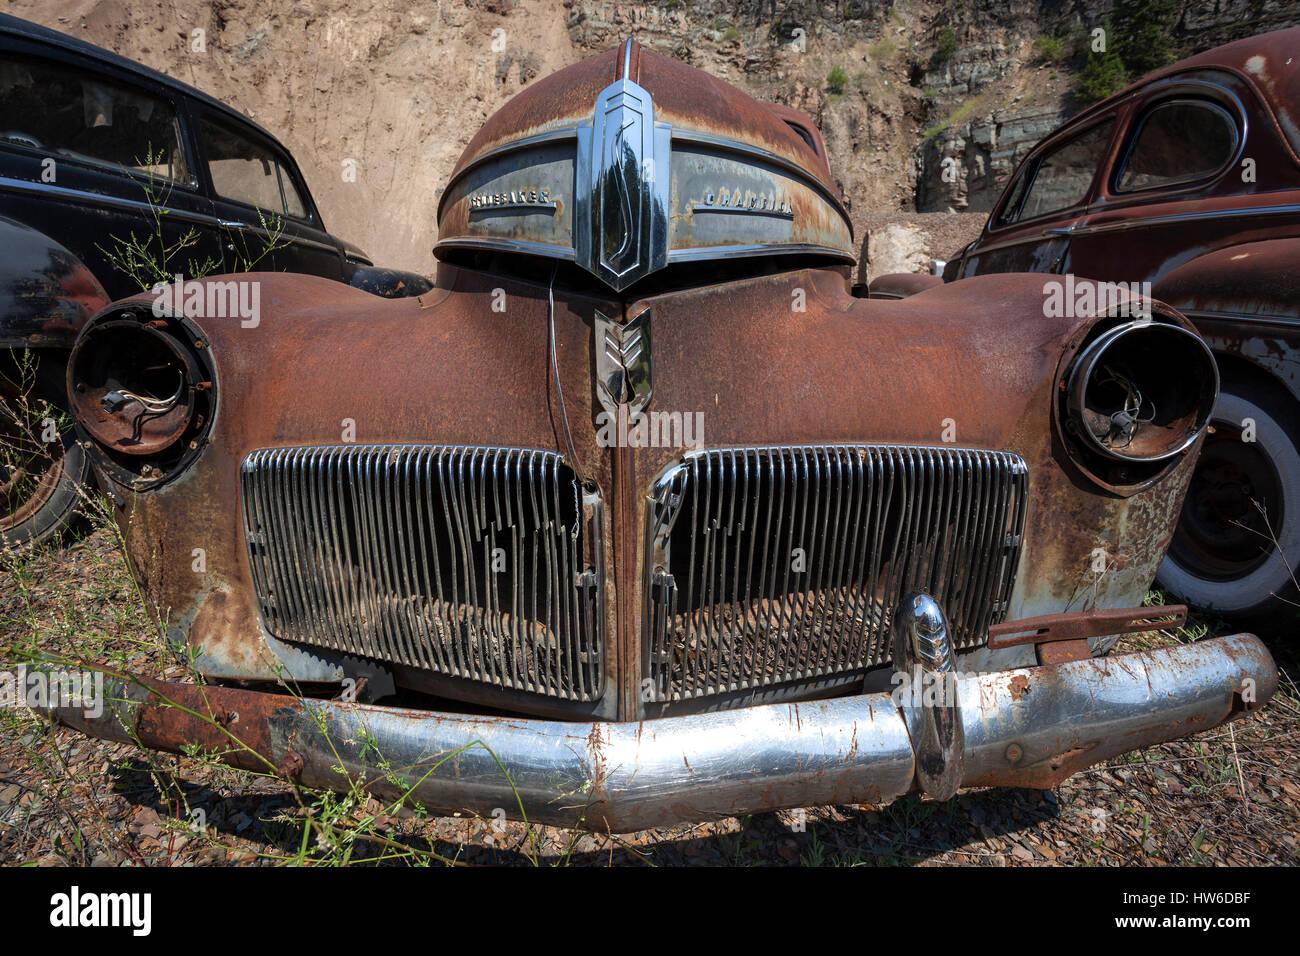 Scrap Vintage Cars Stock Photos & Scrap Vintage Cars Stock Images ...